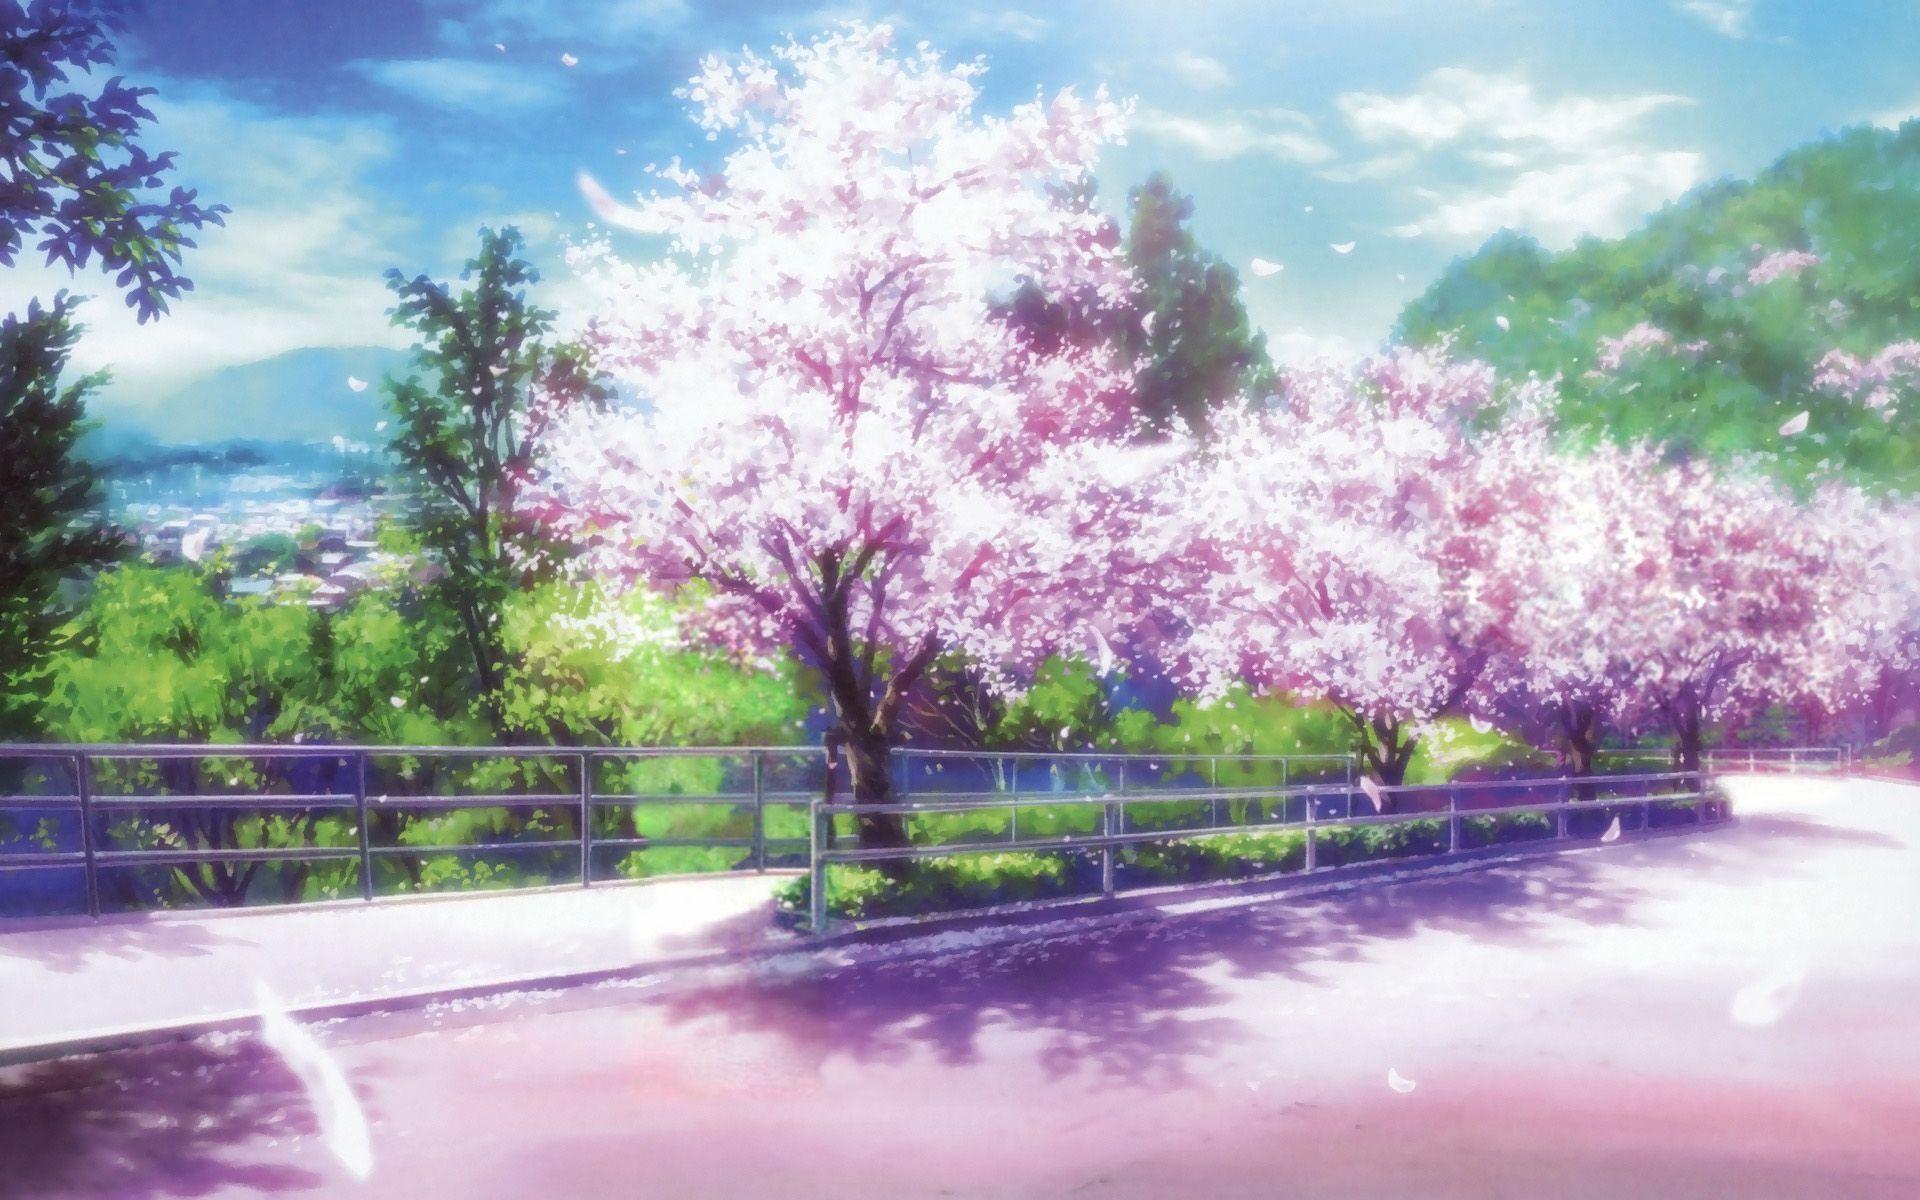 1920x1200 Anime Cherry Blossom Desktop Wallpaper Pixelstalk Net Anime Backgrounds Wallpapers Anime Background Anime Scenery